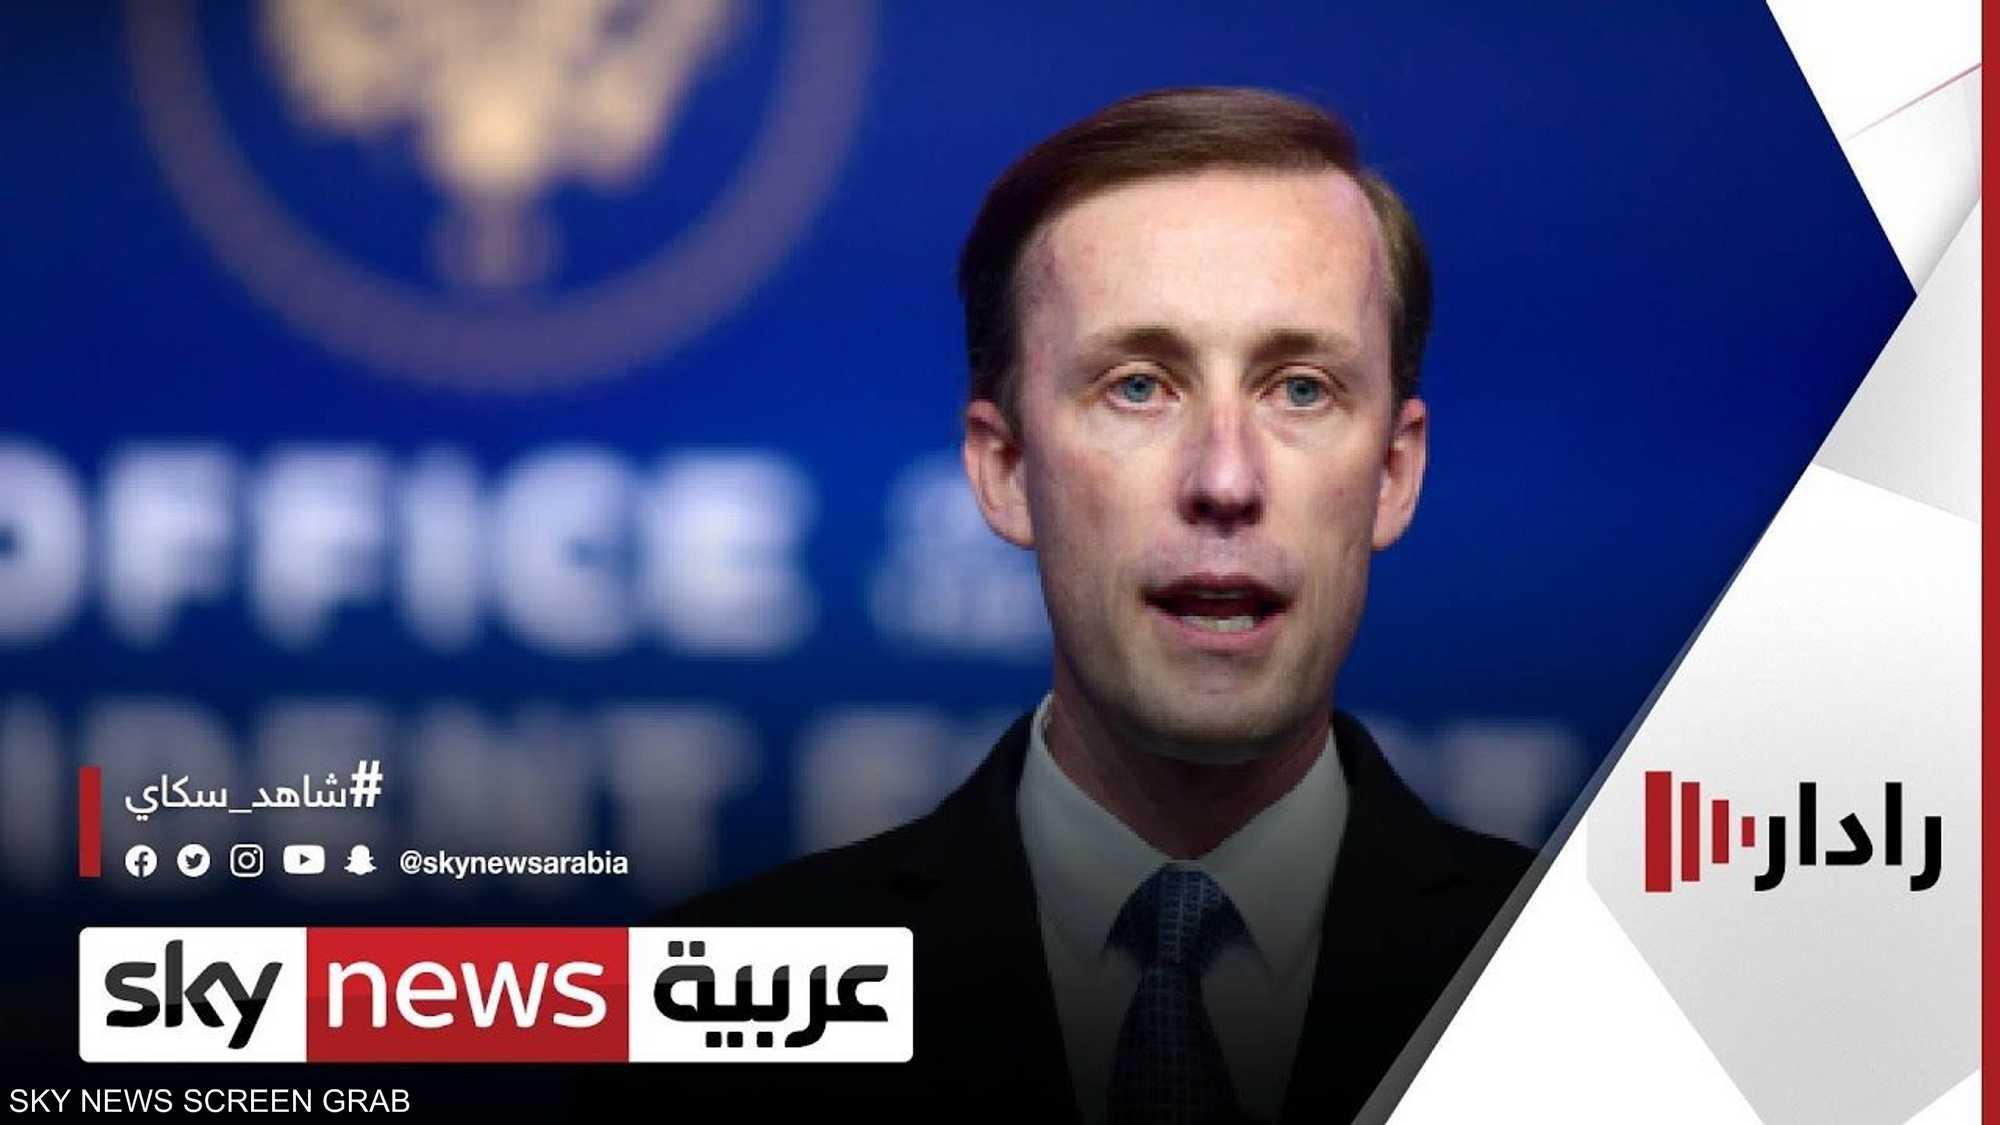 جيك سوليفان المُعيّن اتهم قطر مرارا بدعم الإرهاب